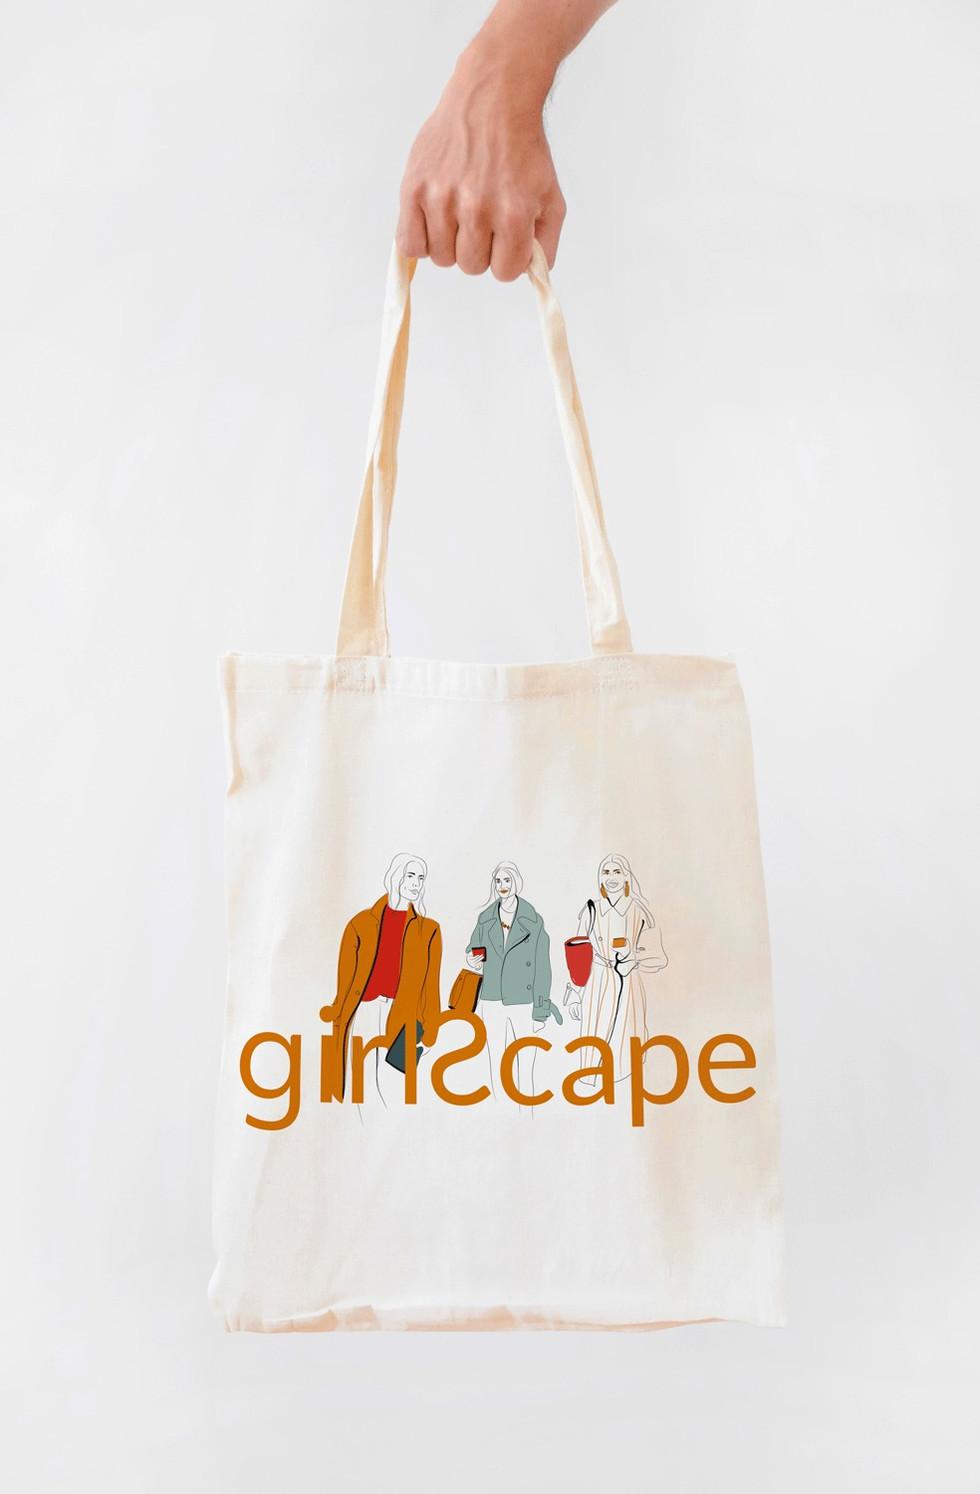 girlscape_elizatelier.jpg